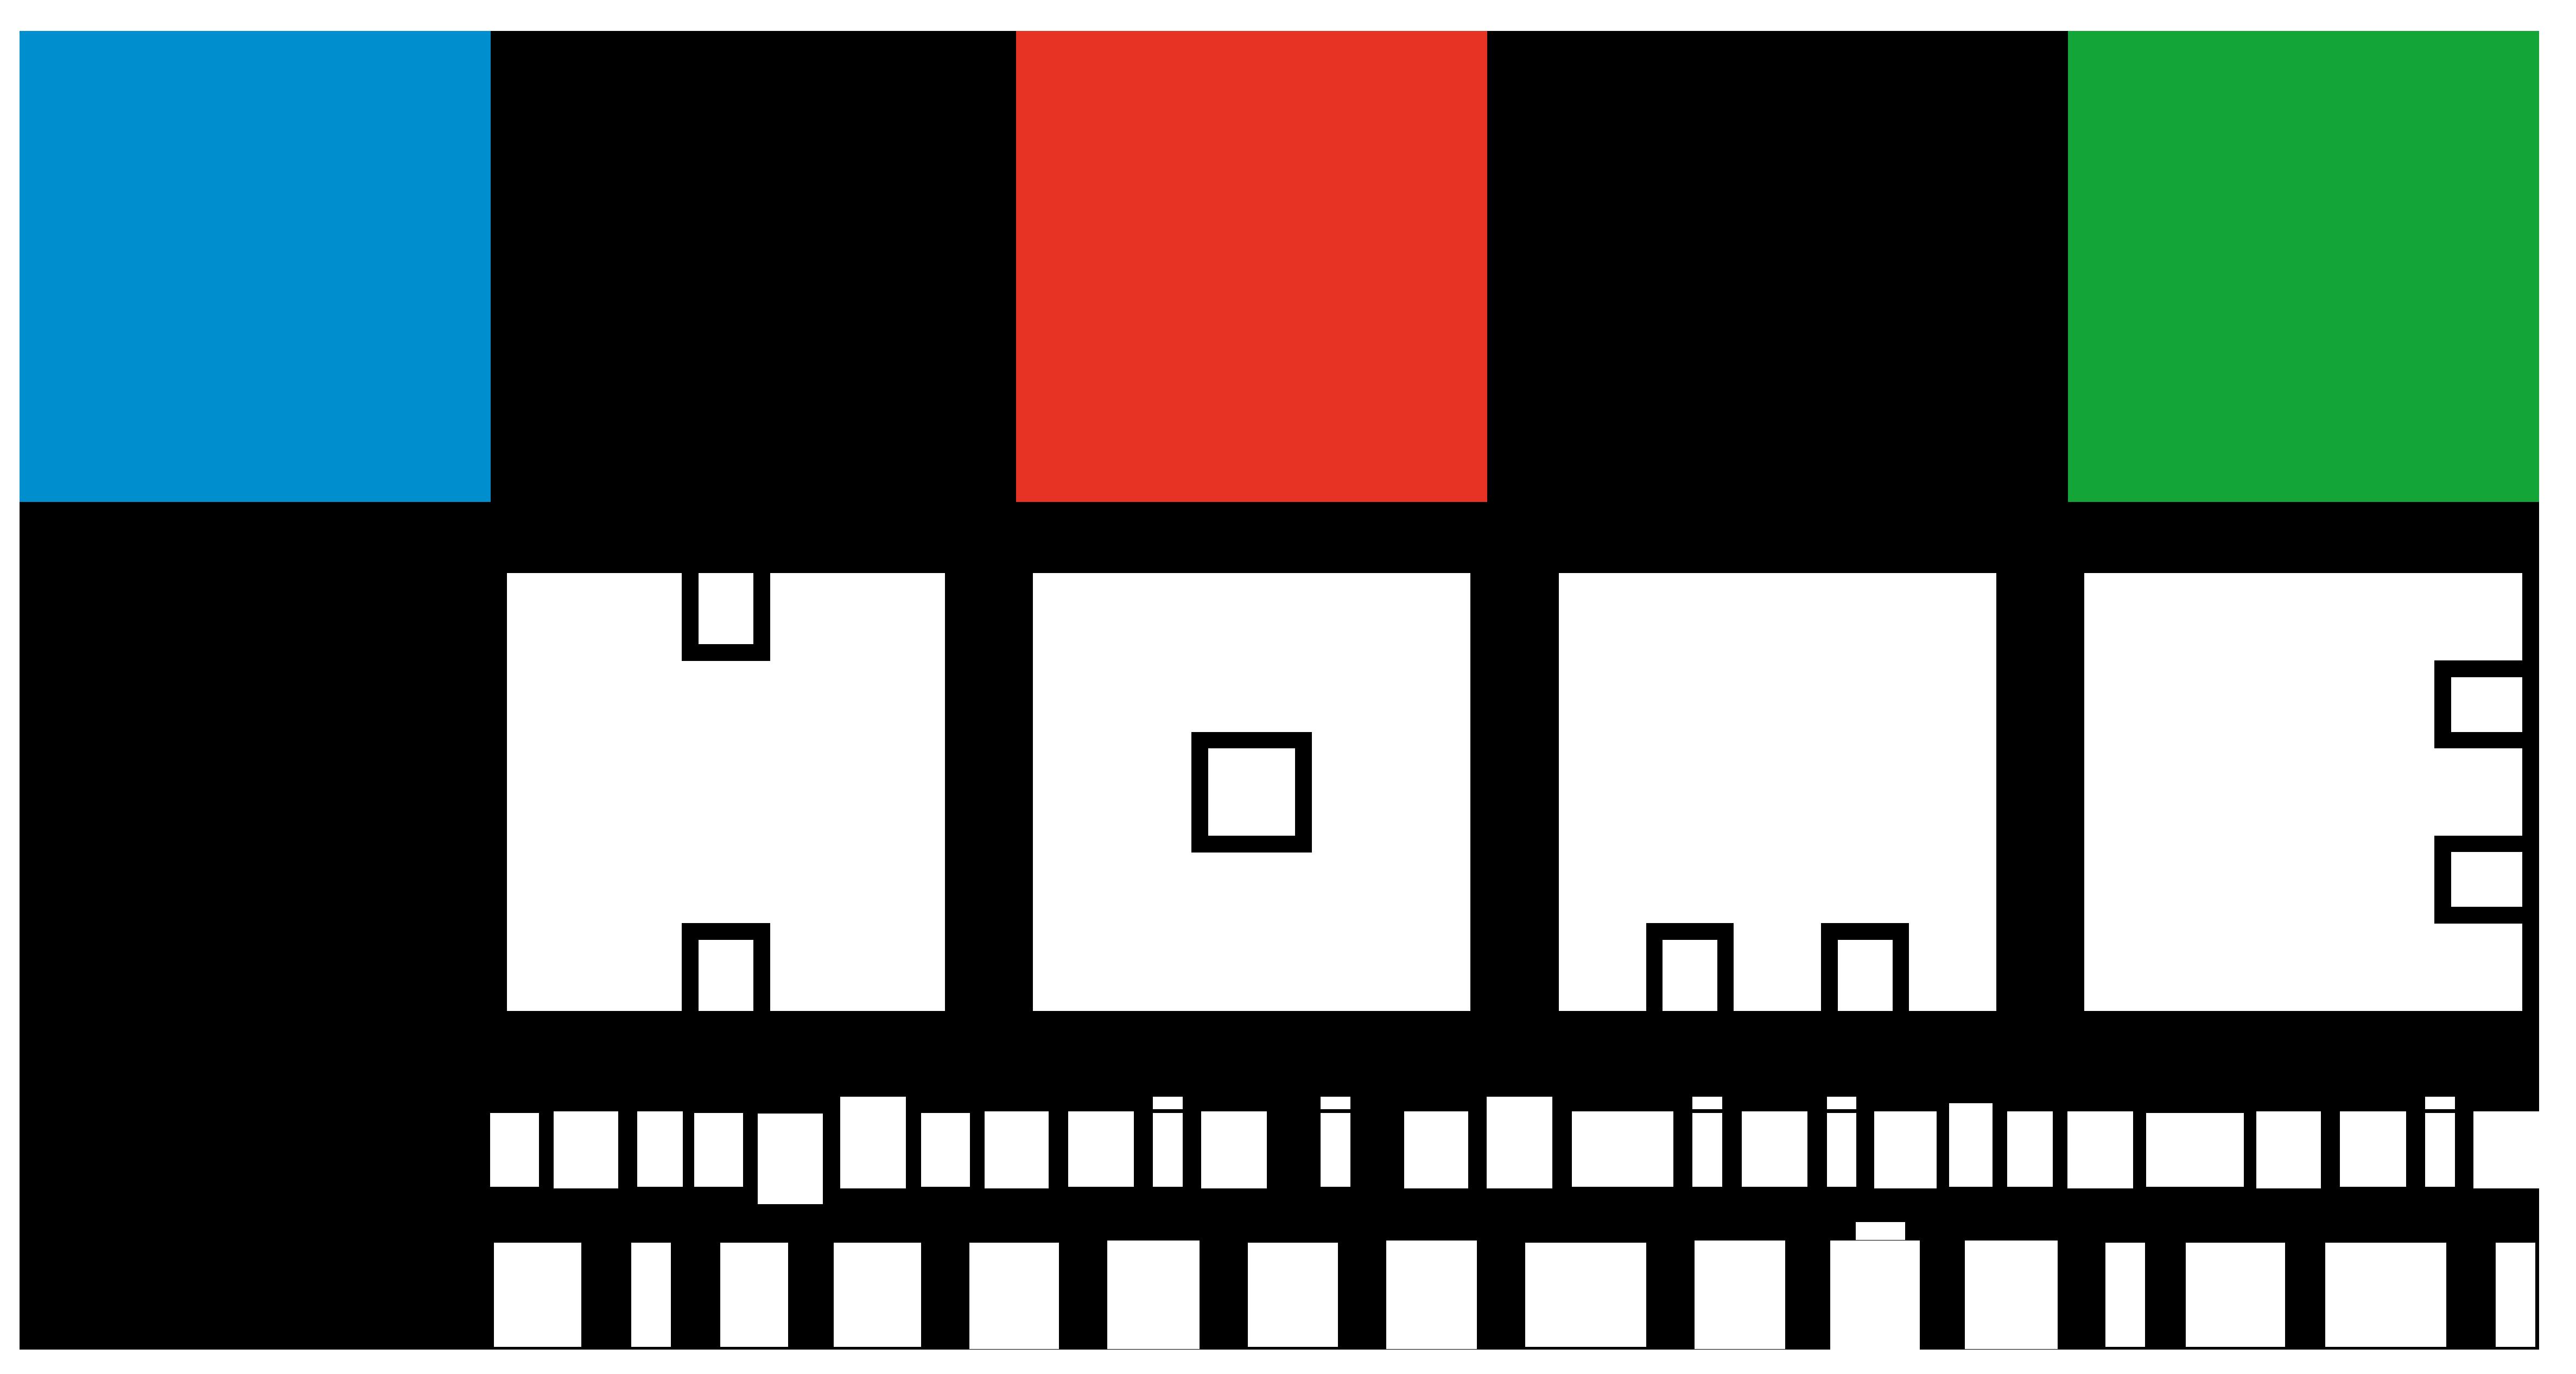 HOME ZARZĄDZANIE Sp. z o.o.